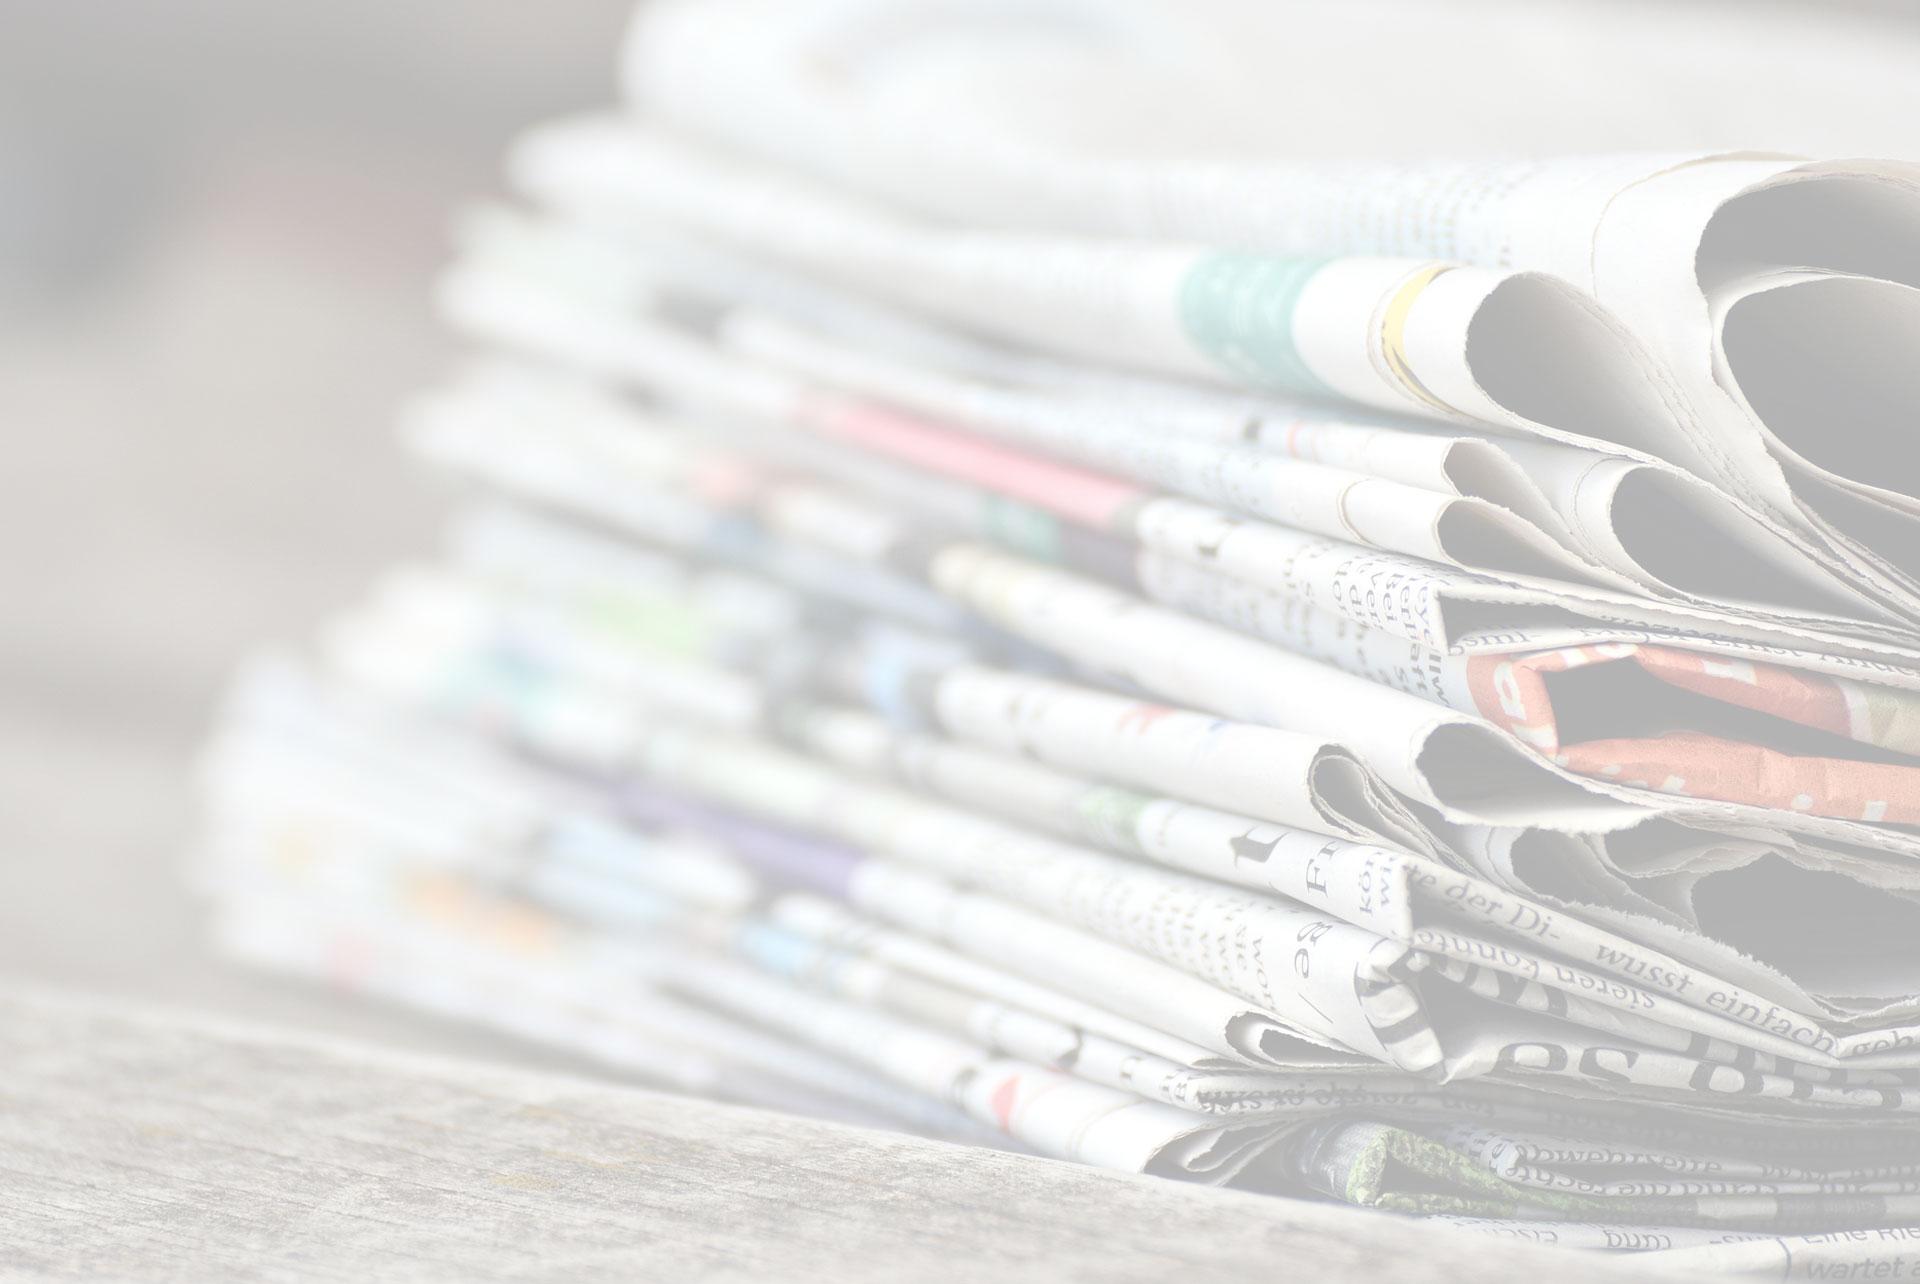 Il duca Farnese morto avvelenato?